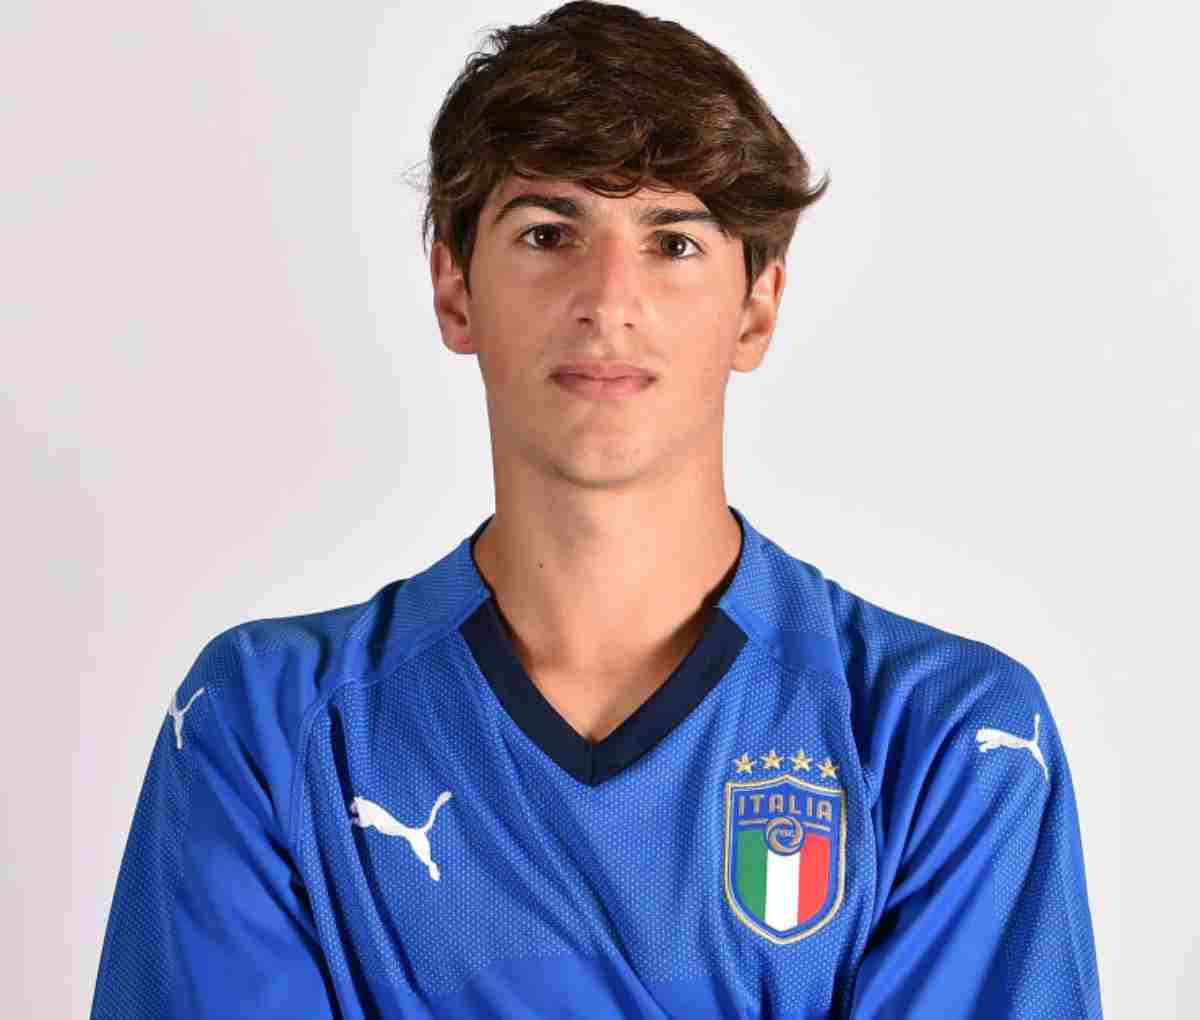 L'Italia ai Mondiali U17: convocati, calendario, allenatore e curiosità